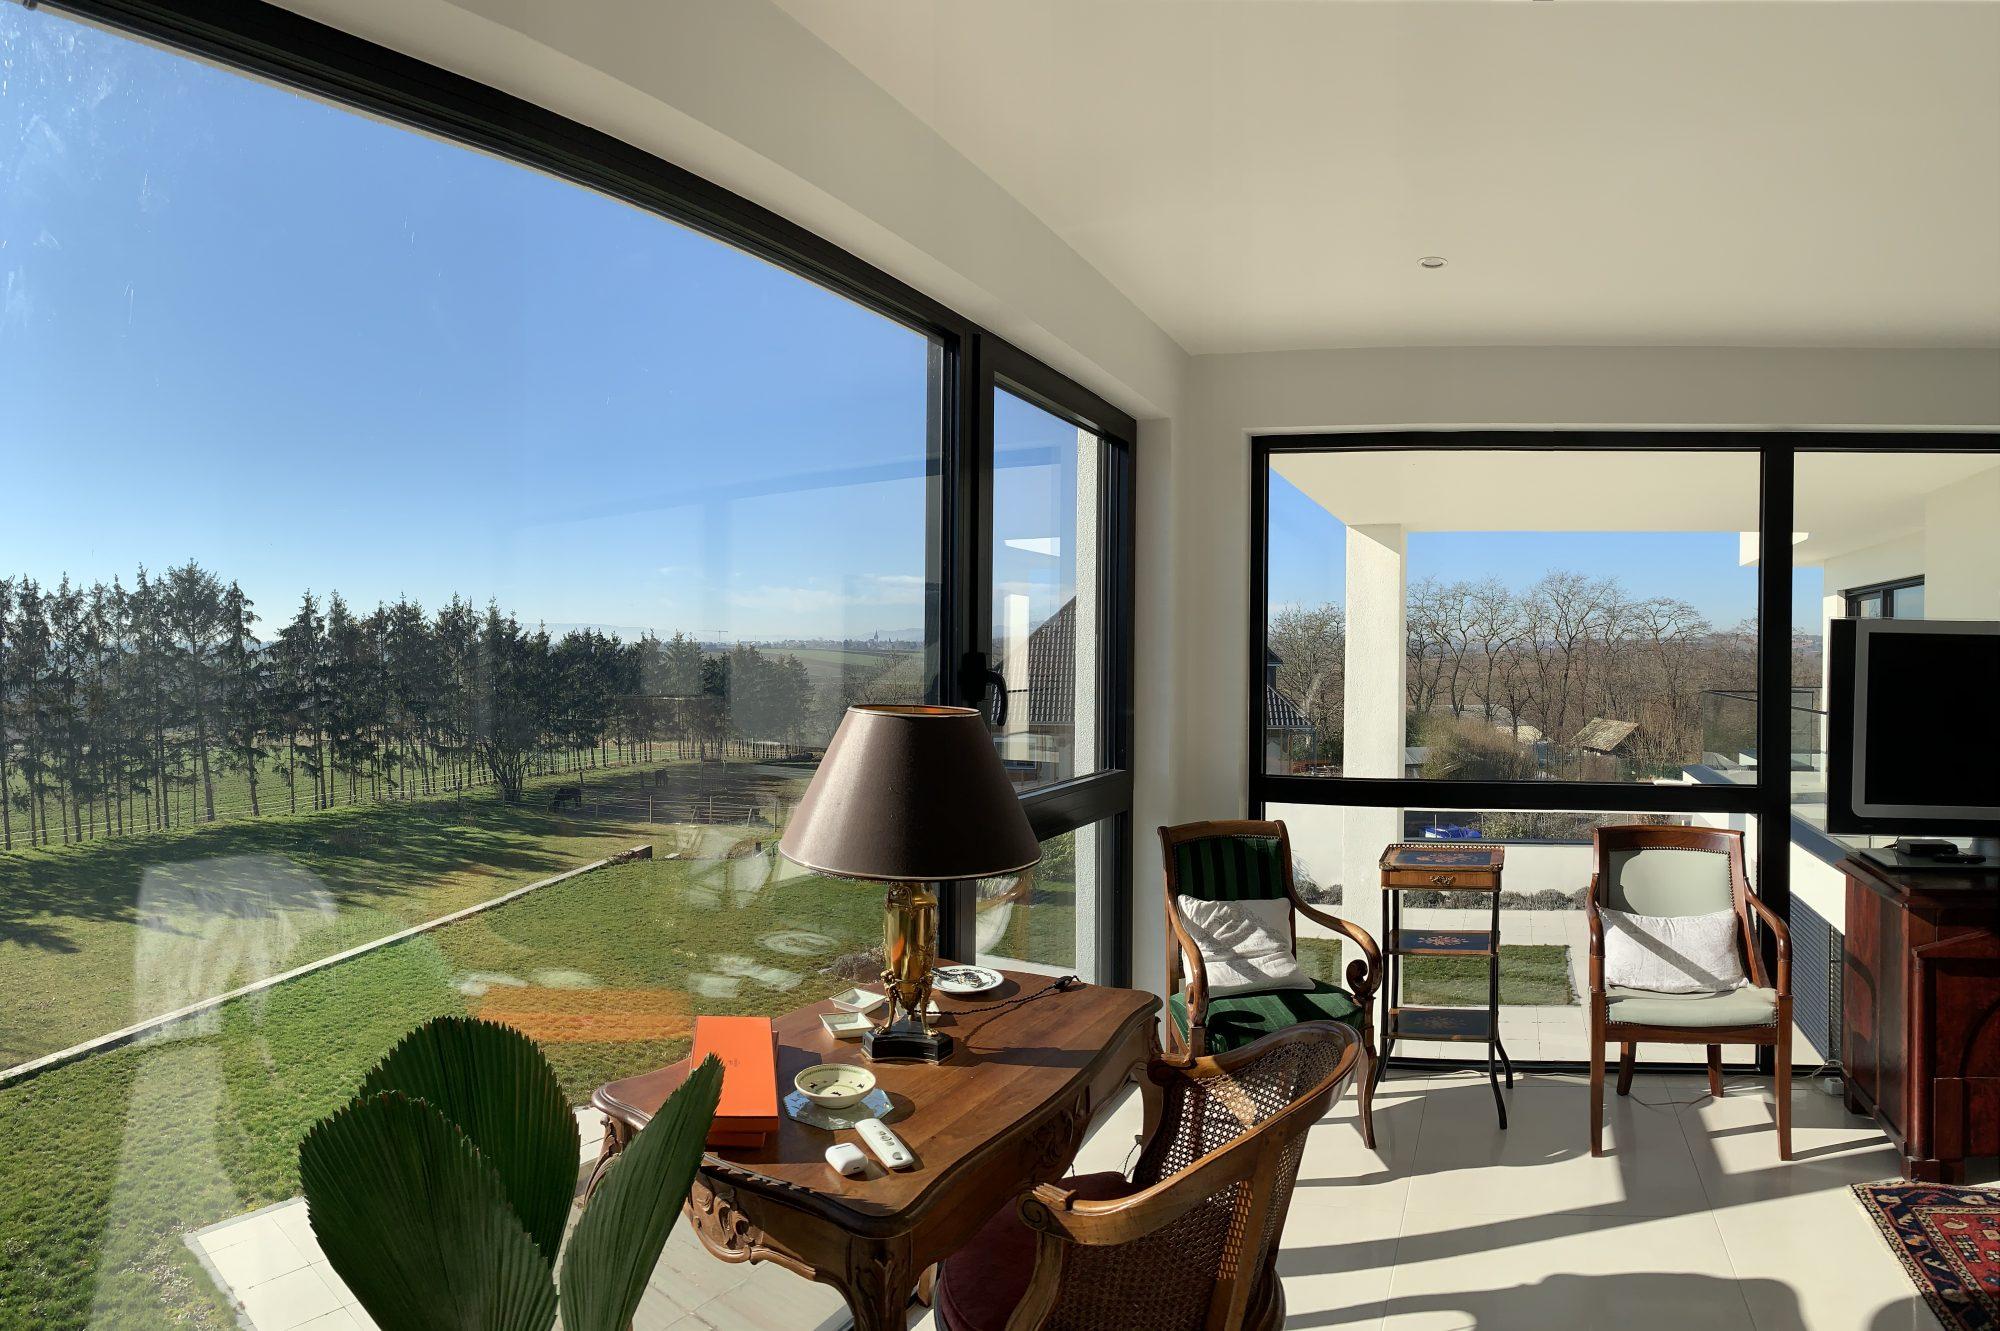 Villa contemporaine au coeur du Kochersberg - Devenez propriétaire en toute confiance - Bintz Immobilier - 5